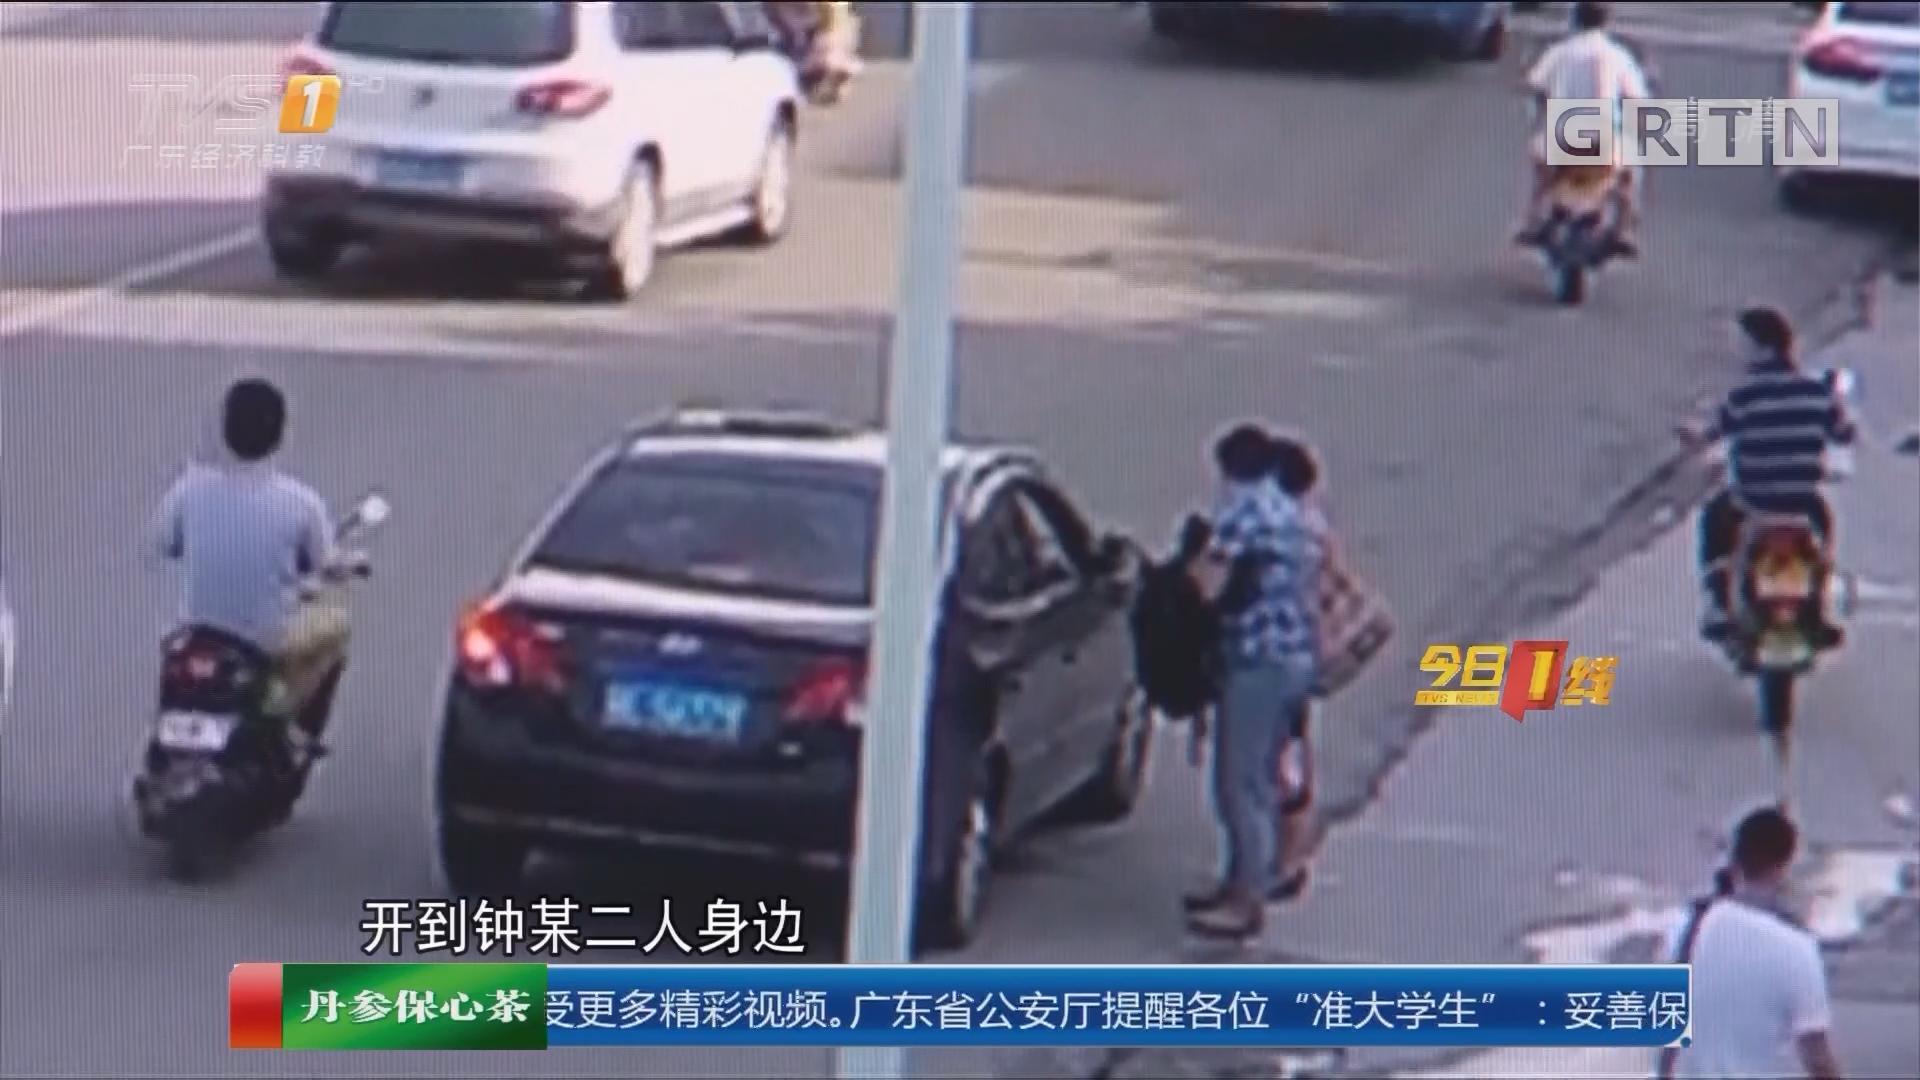 汕尾海丰:警方破抢劫案 顺带抓获诈骗团伙